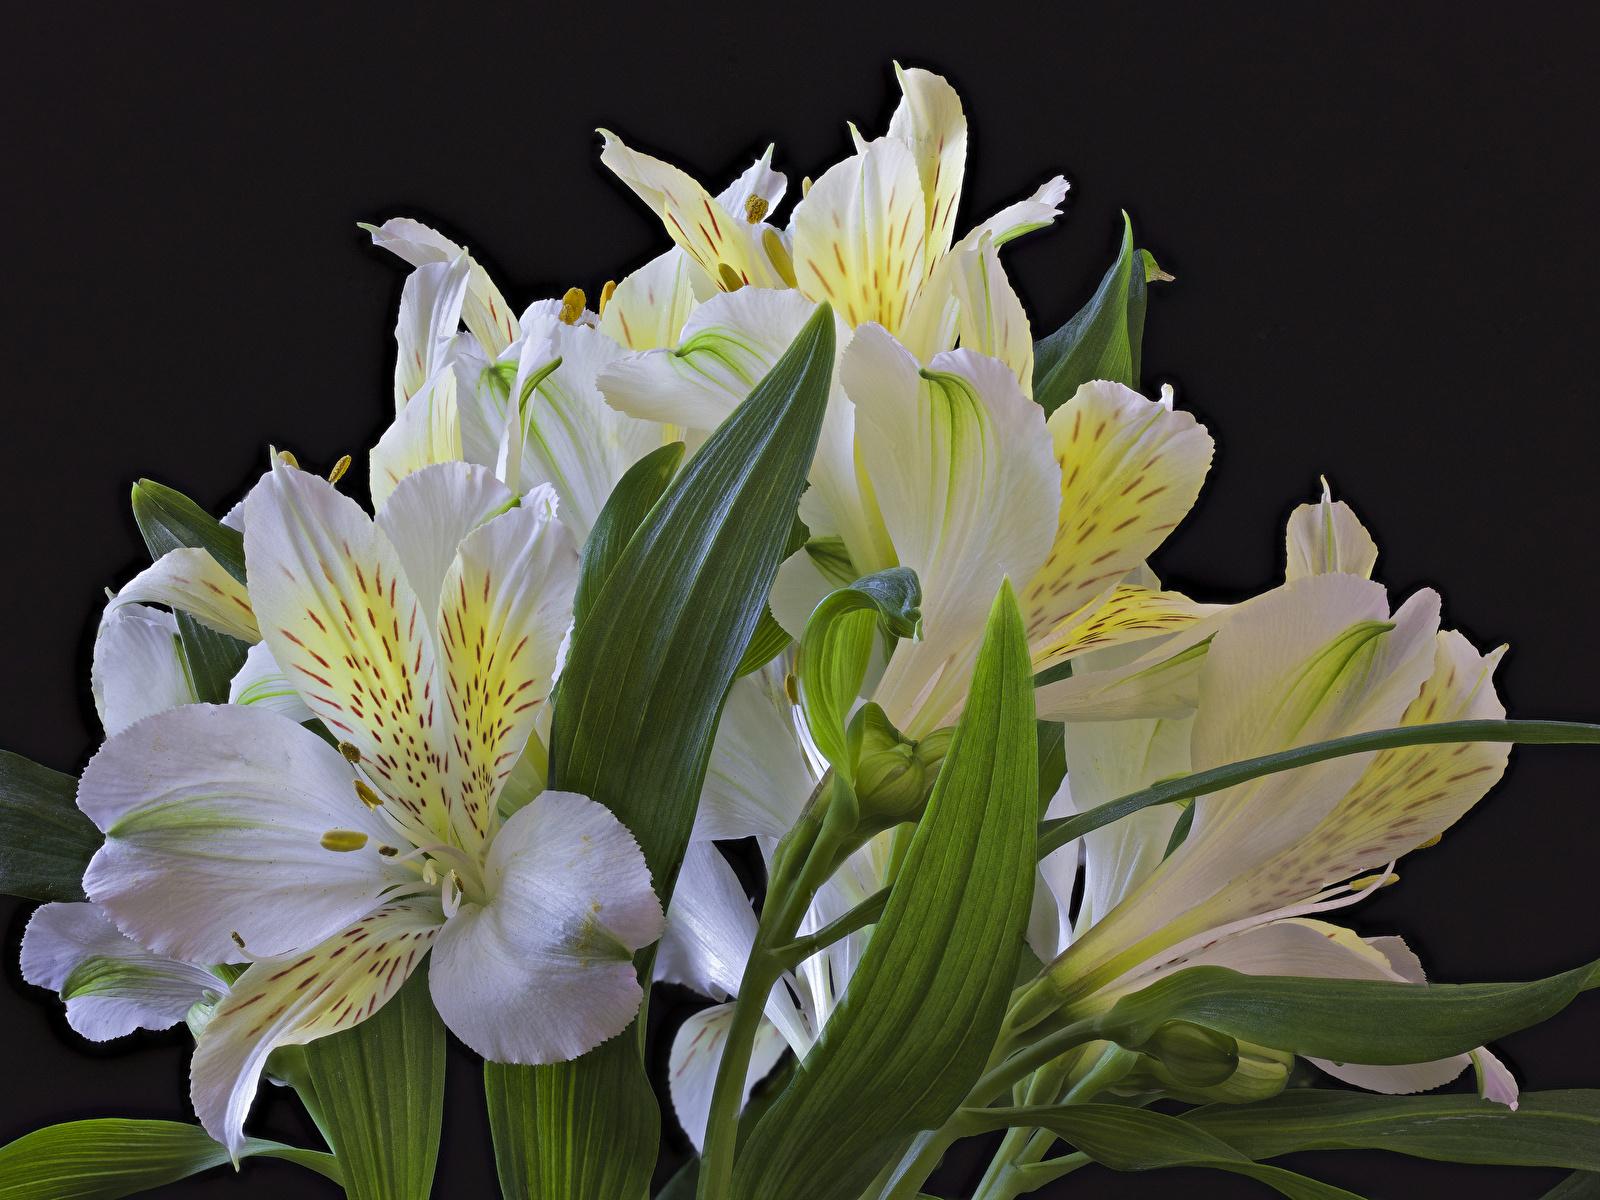 Фото Белый Цветы Альстрёмерия на черном фоне Крупным планом 1600x1200 белых белые белая цветок вблизи Черный фон